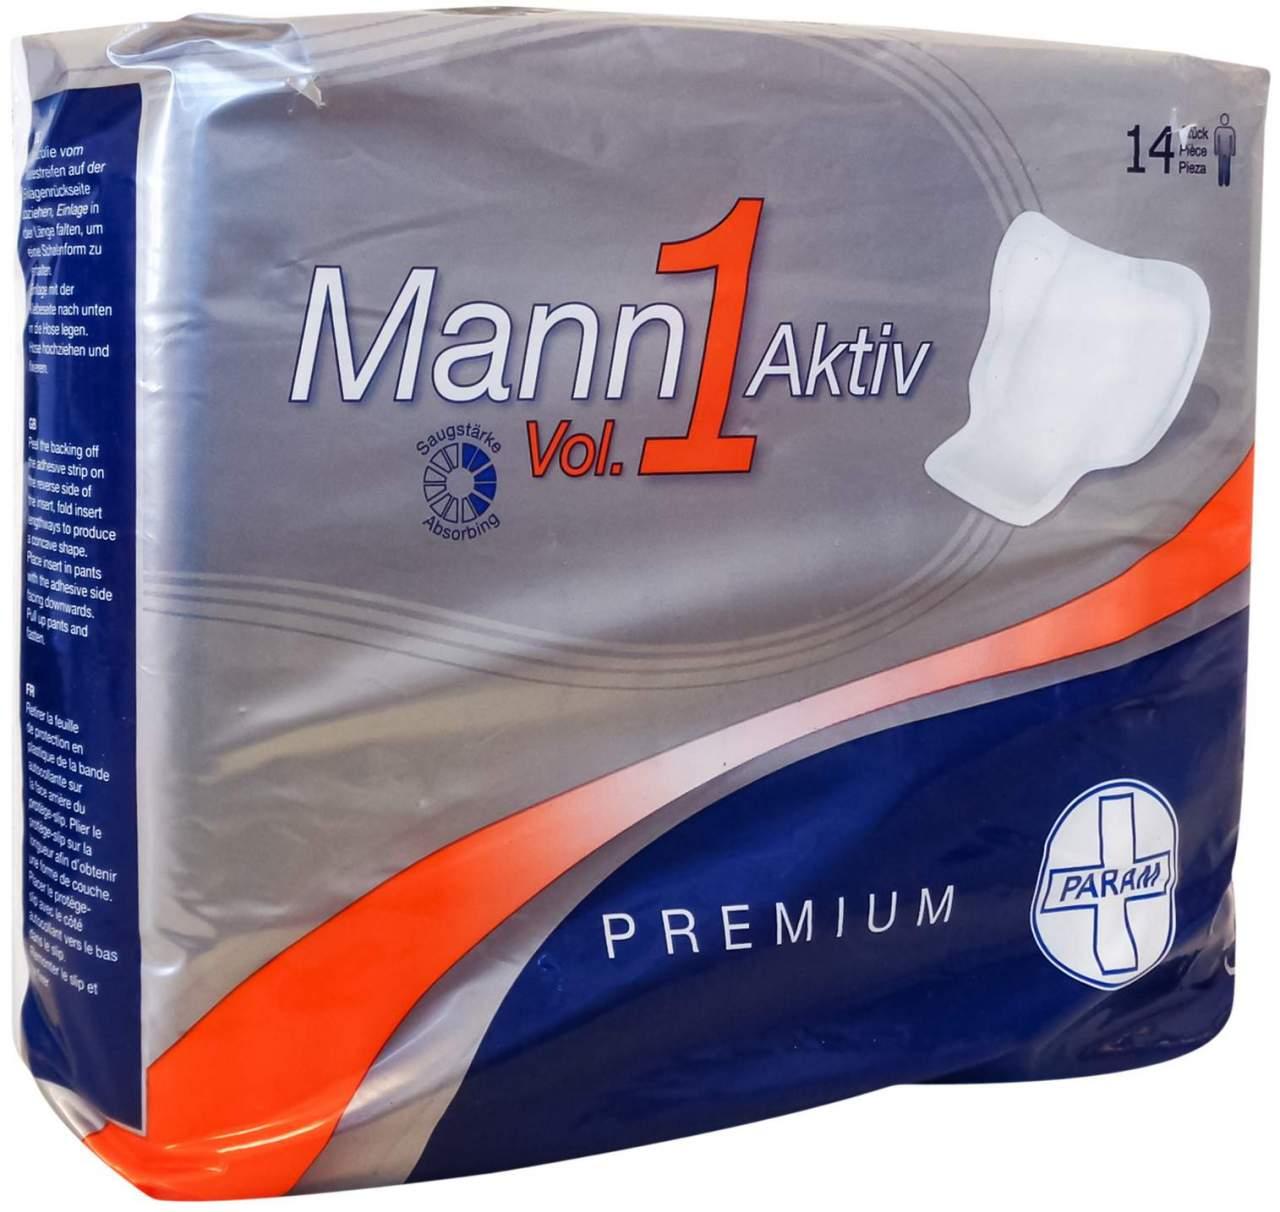 Param Man aktiv premium Vol.1 14 Vorlagen